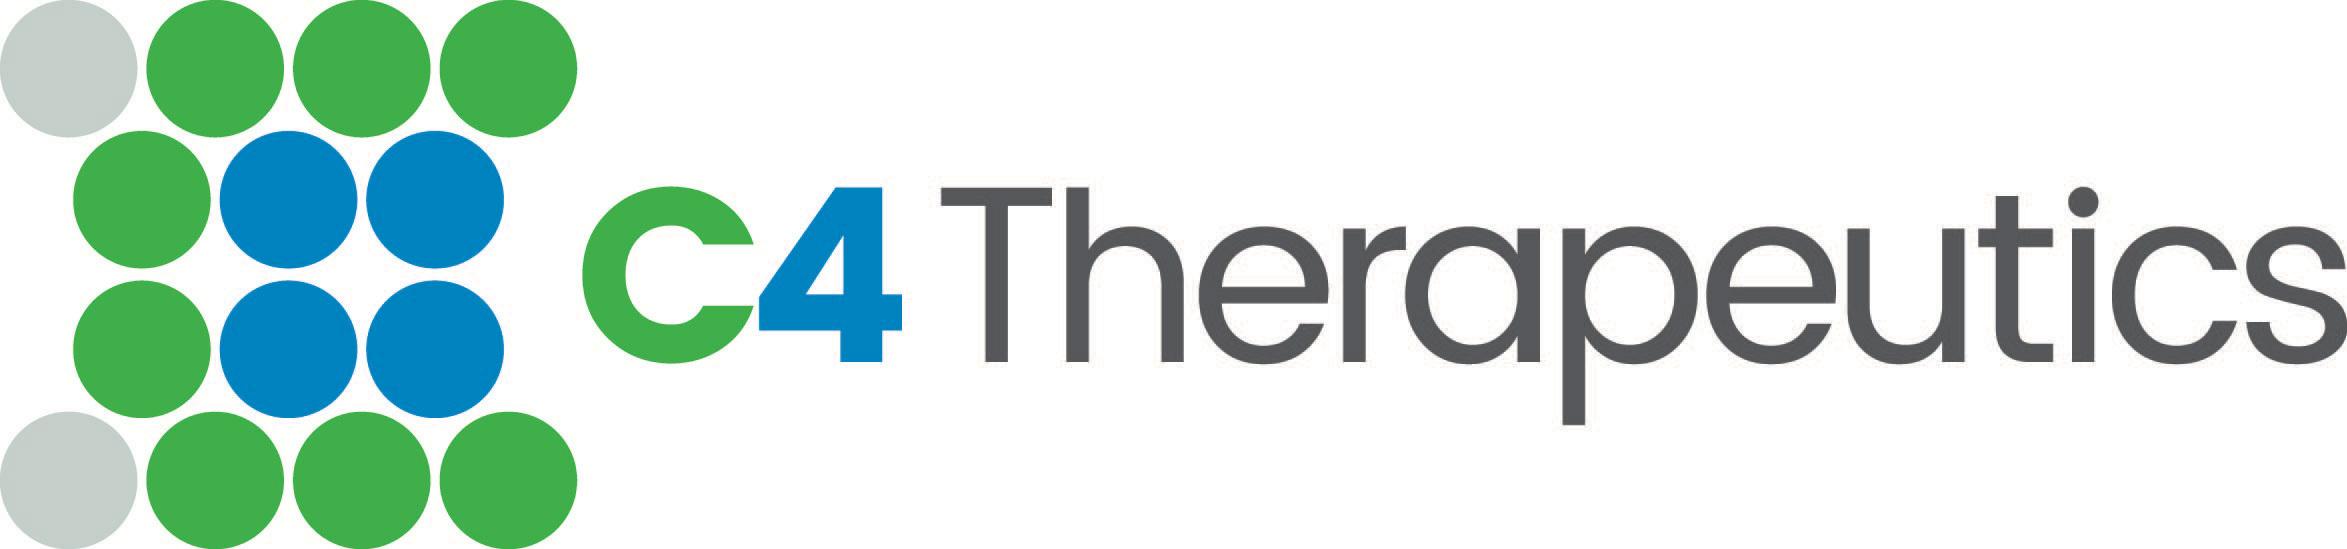 «СиФор терапьютикс» (C4 Therapeutics).